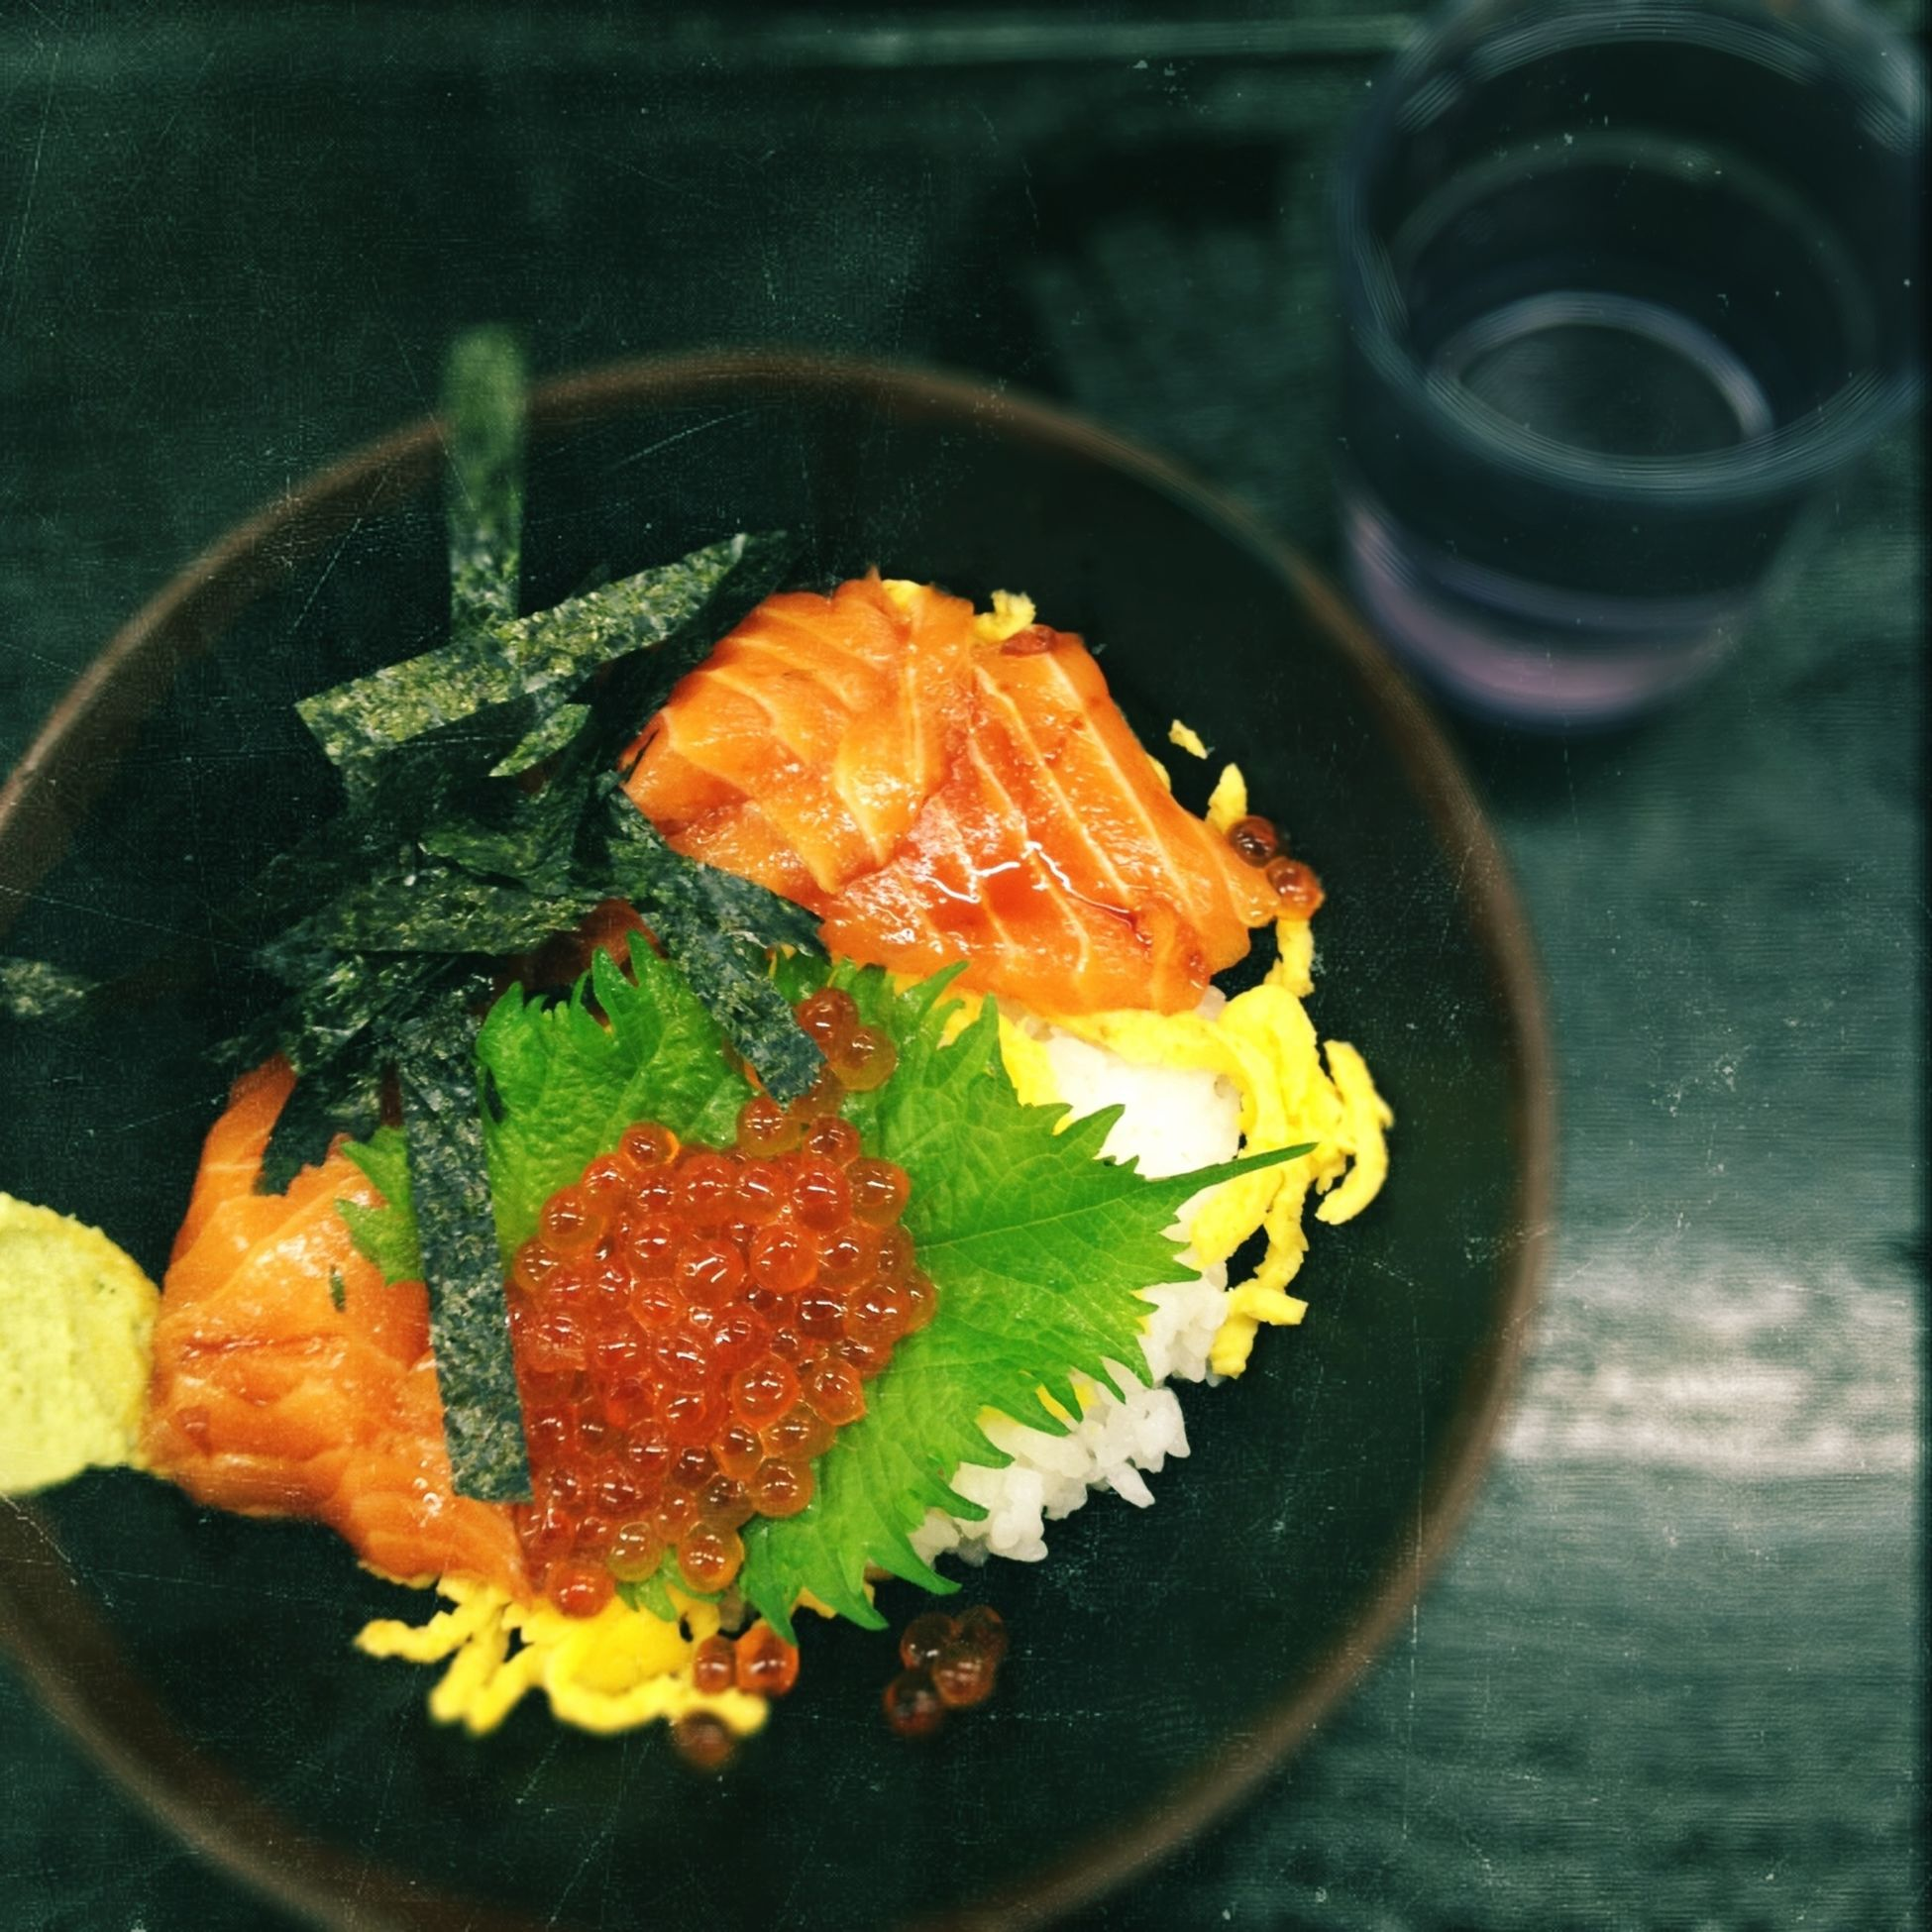 Eating ToreTore ichiba